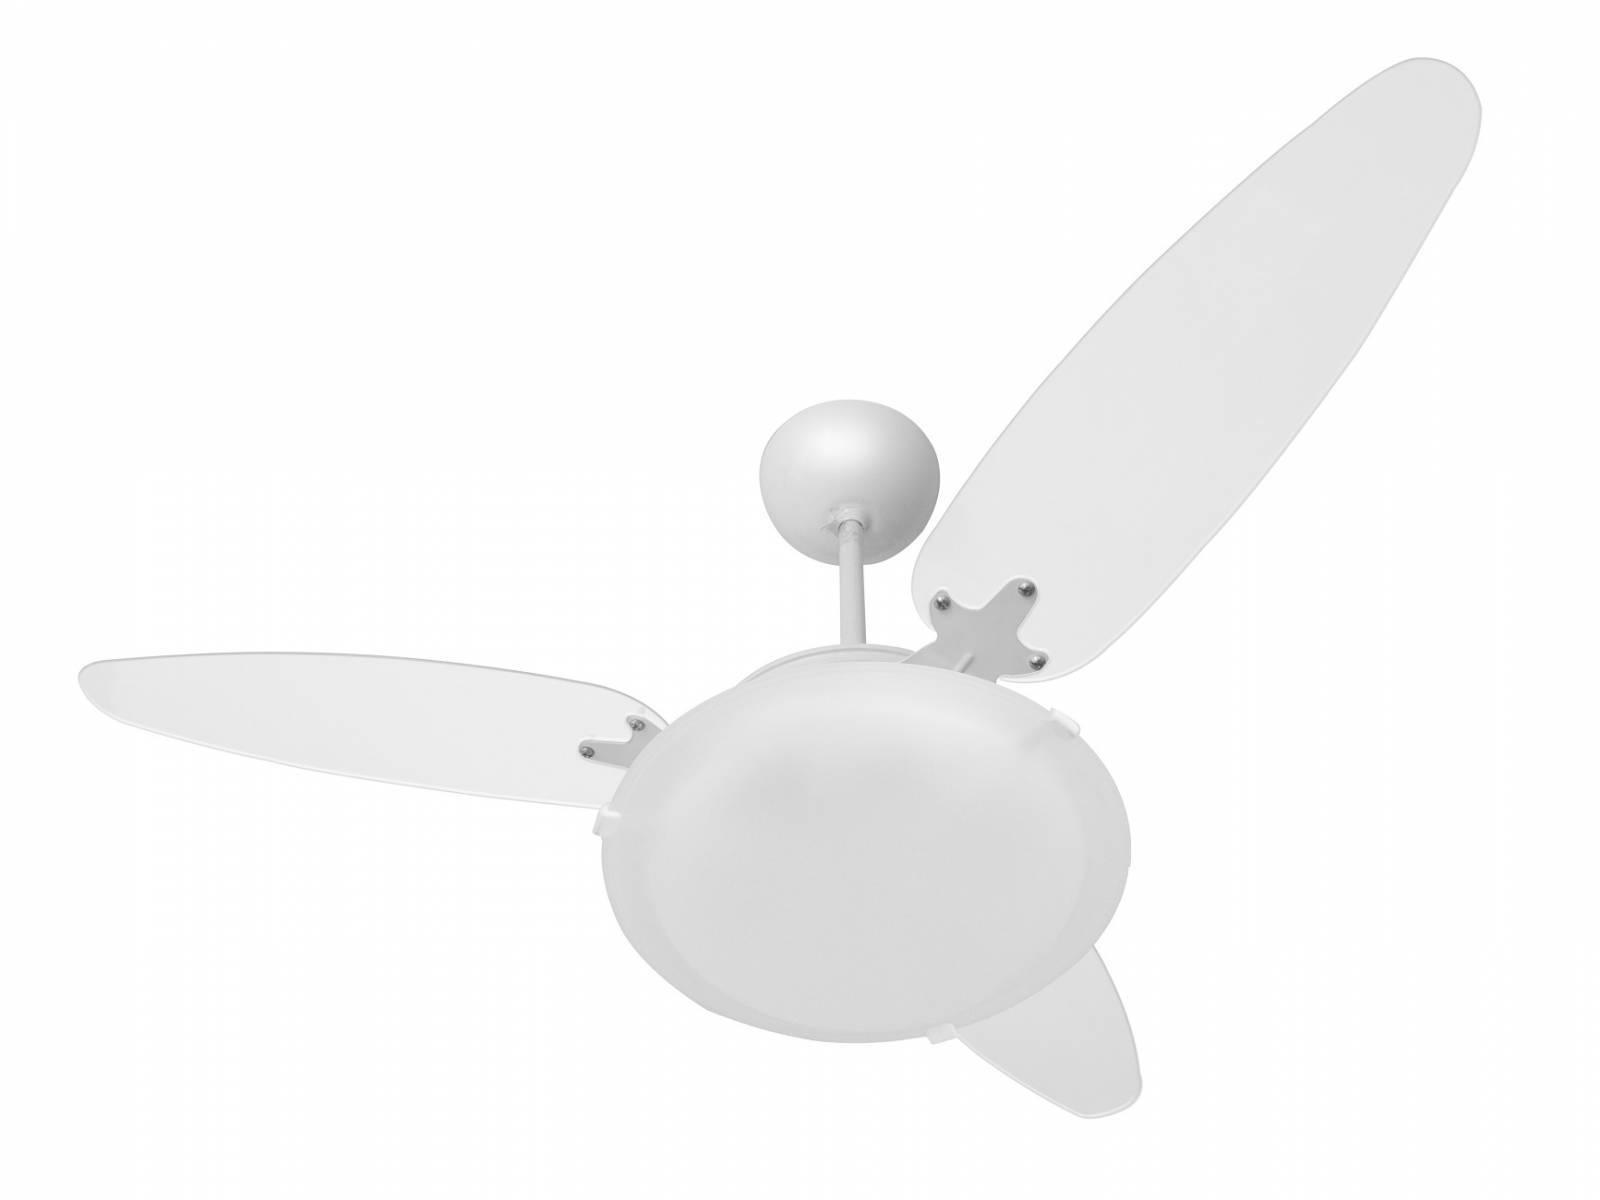 Ventilador De Teto 3 Pás Transparente Murano P/ 2 lâmpadas P - LCGELETRO